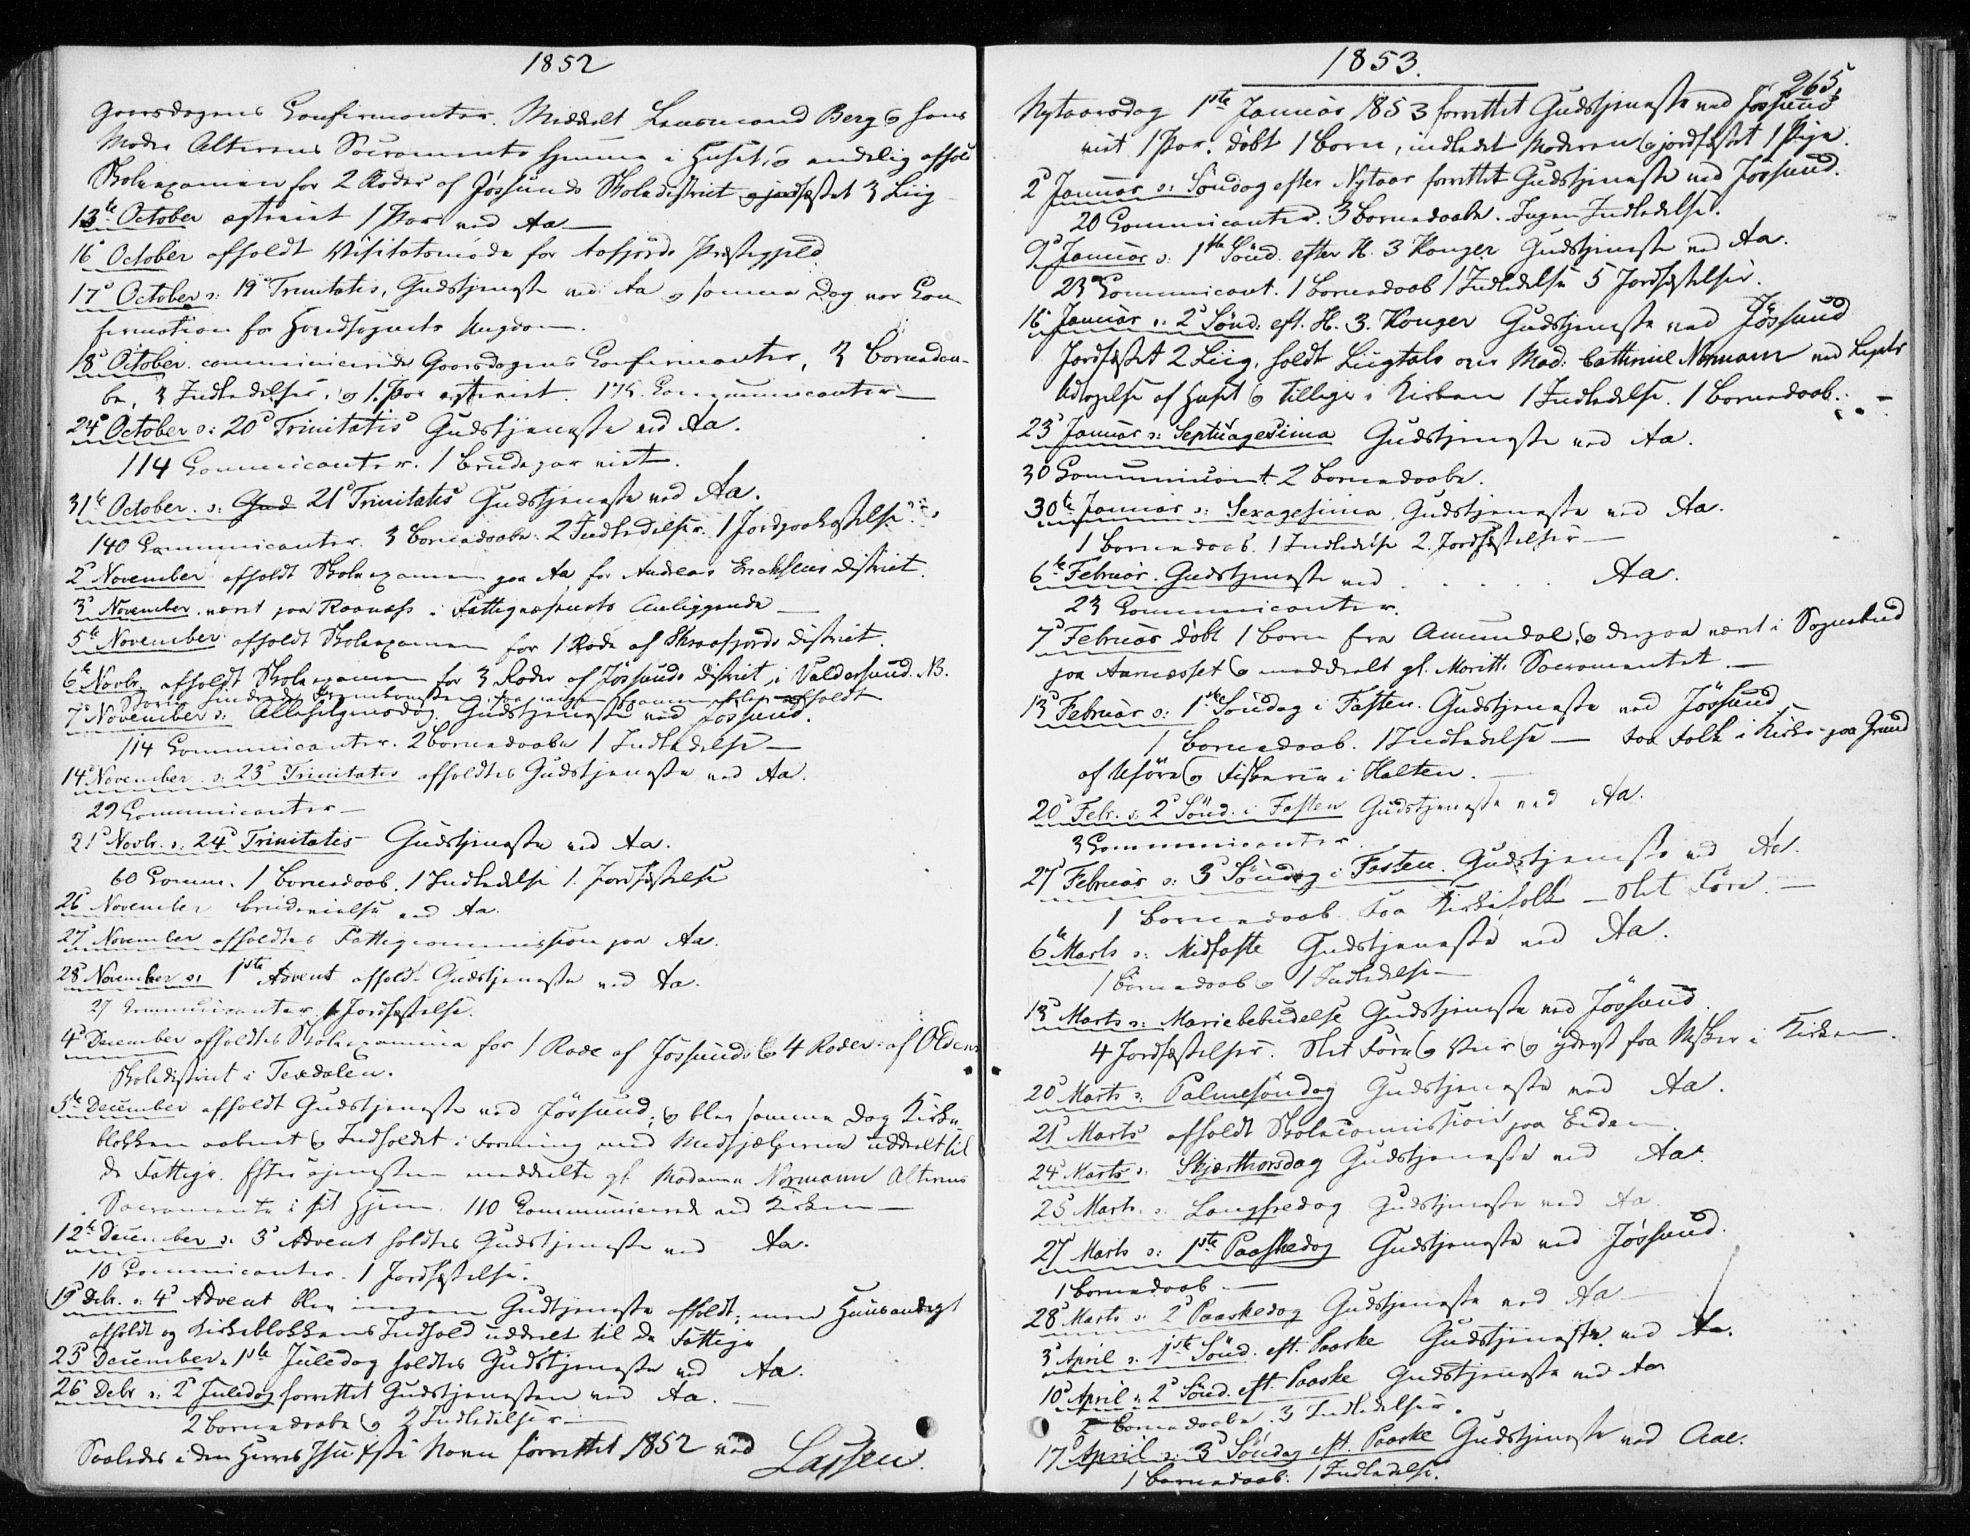 SAT, Ministerialprotokoller, klokkerbøker og fødselsregistre - Sør-Trøndelag, 655/L0677: Ministerialbok nr. 655A06, 1847-1860, s. 265